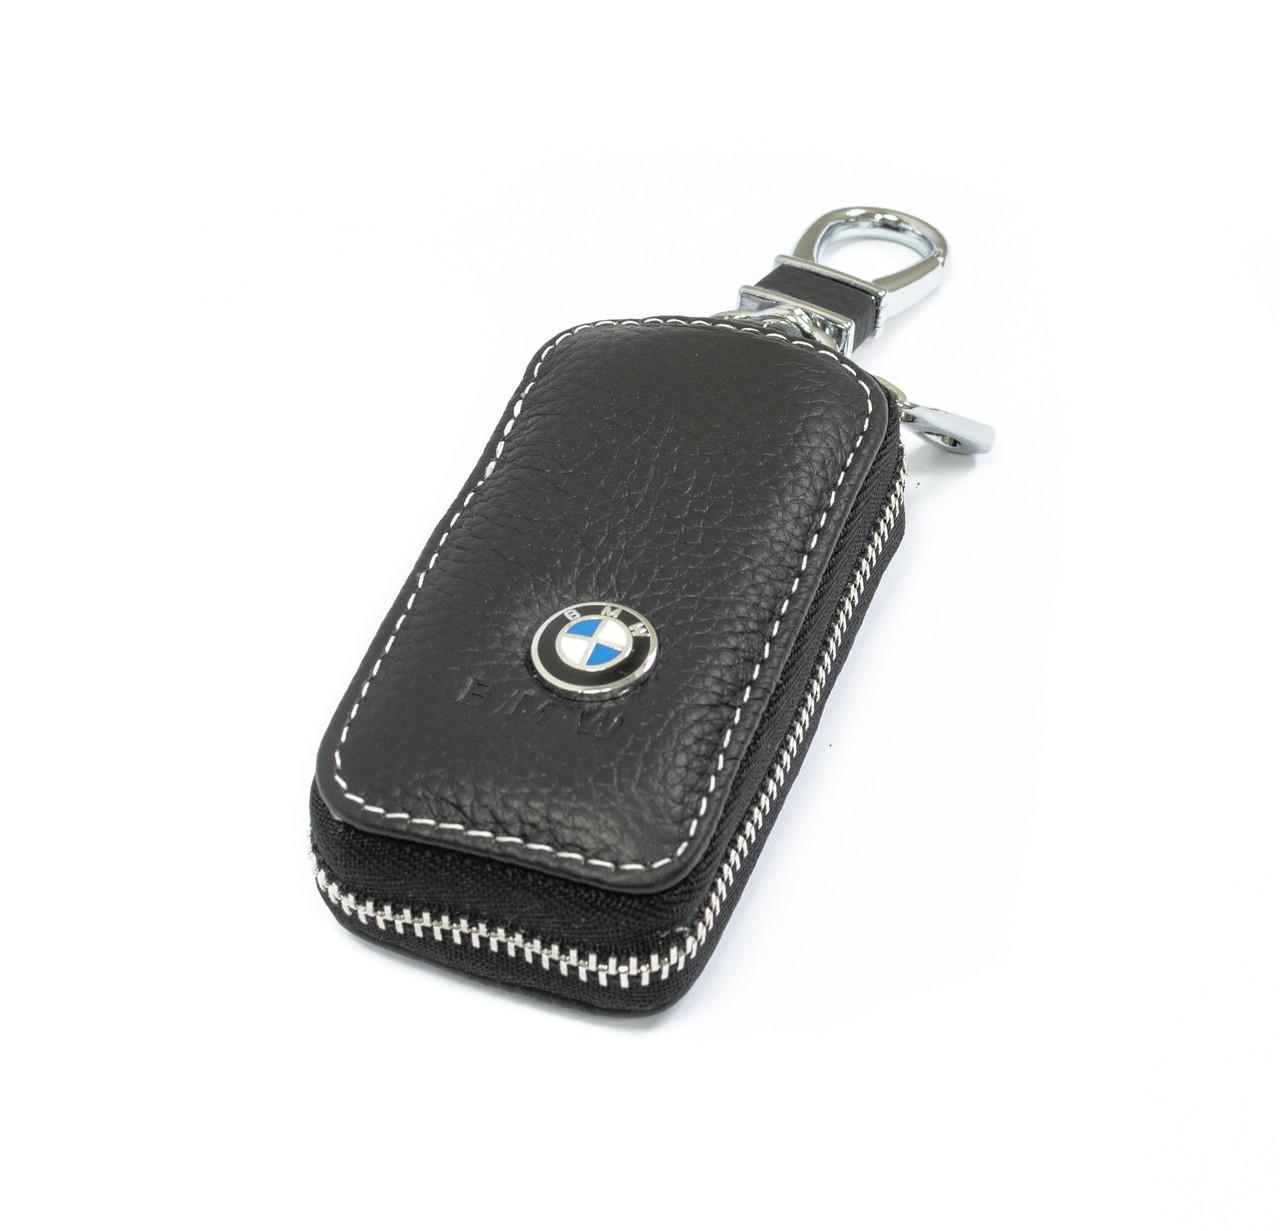 Ключница Carss с логотипом BMW 12010 черная